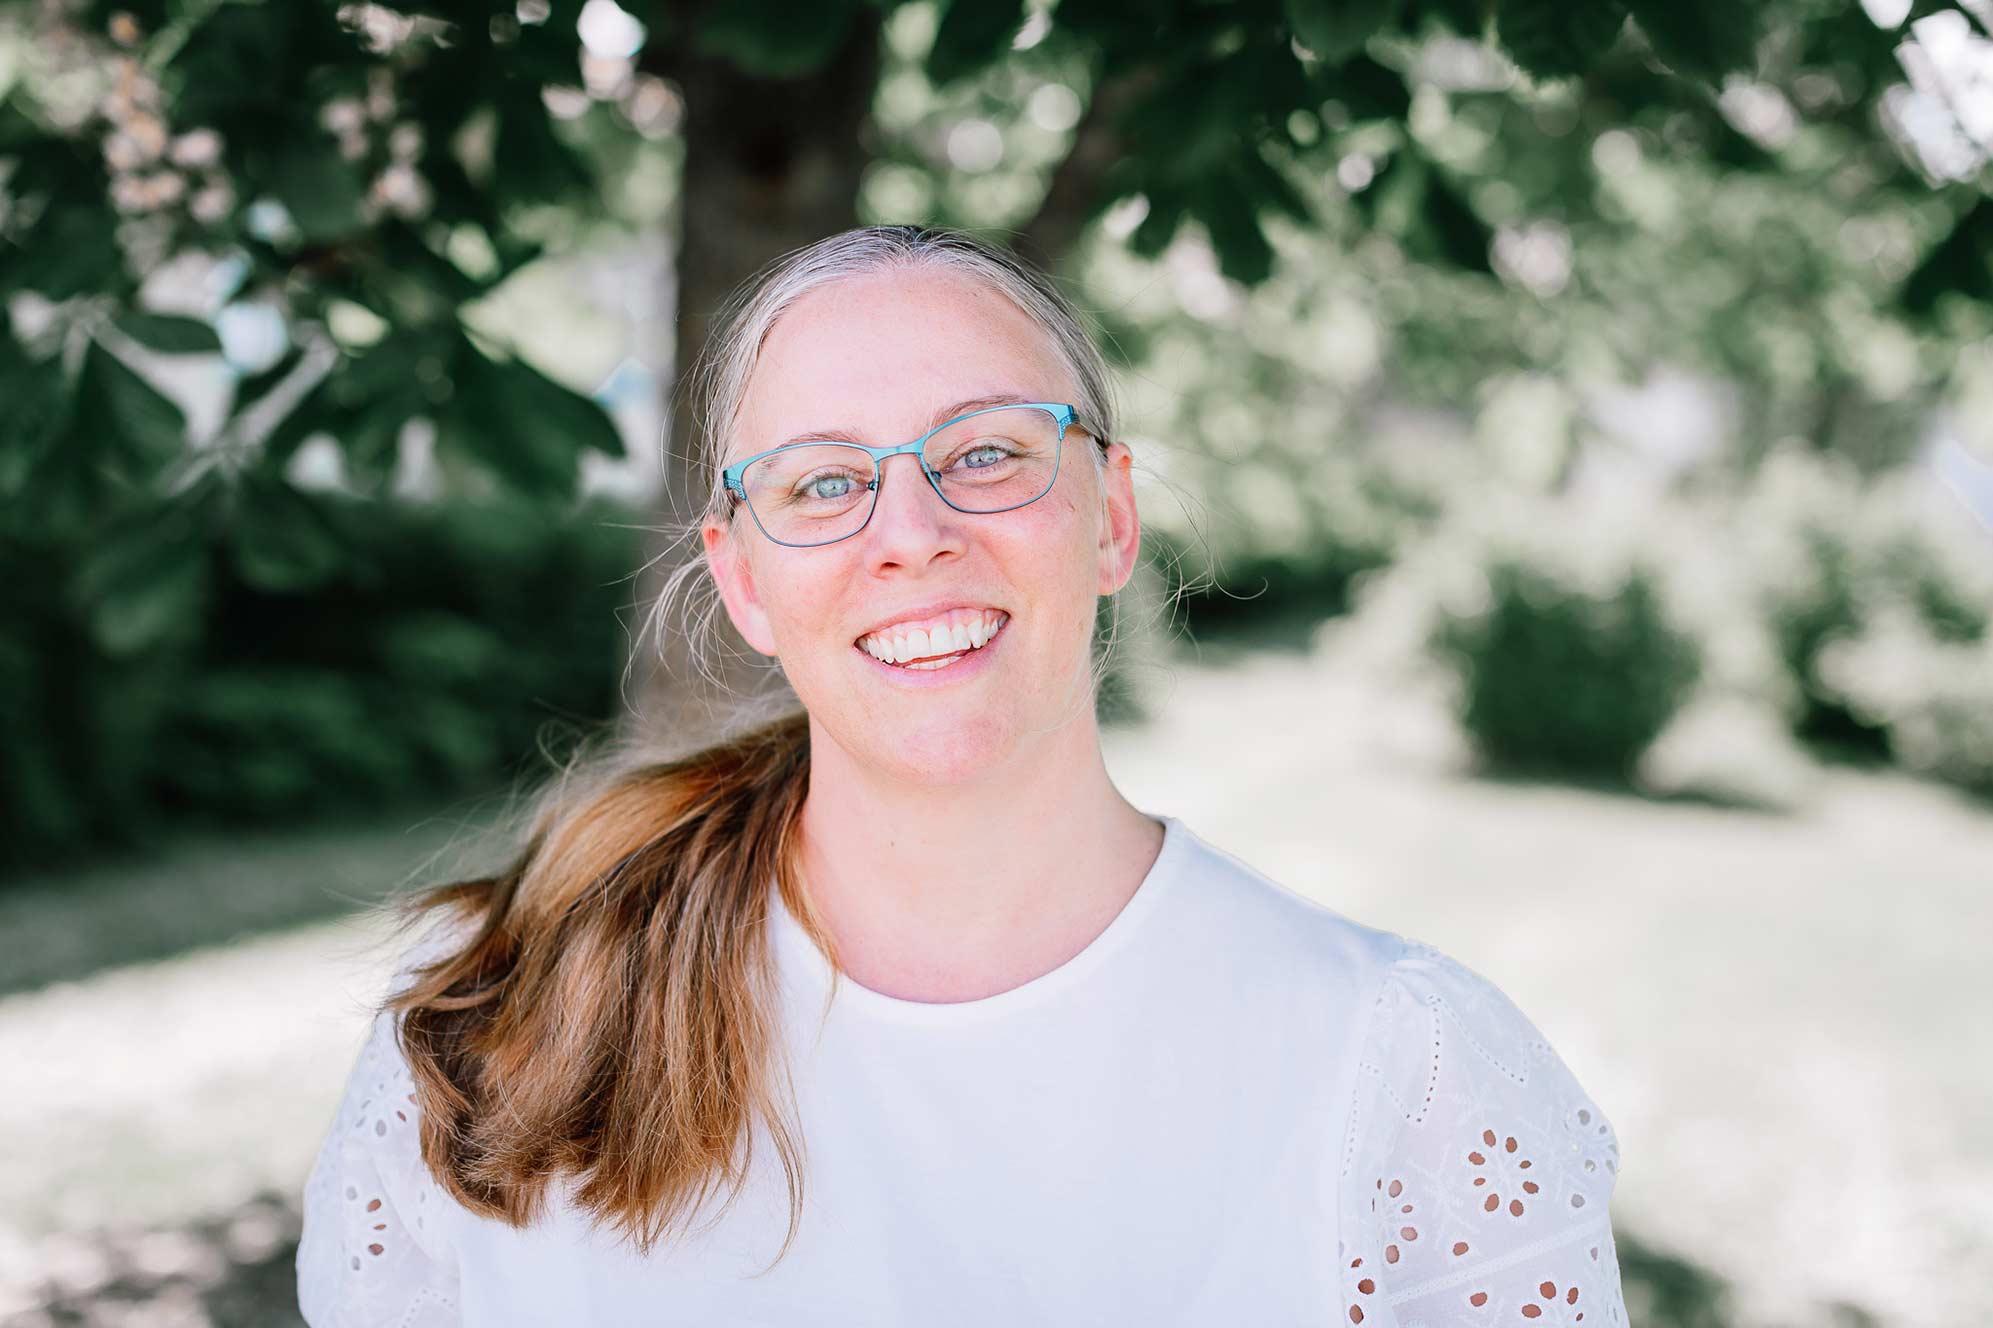 Maria Åkerblom, ägare av kommunikationsbyrån Åkerblom Kommunikation i Nyköping, står under ett träd och ser glad och välkomnande ut.